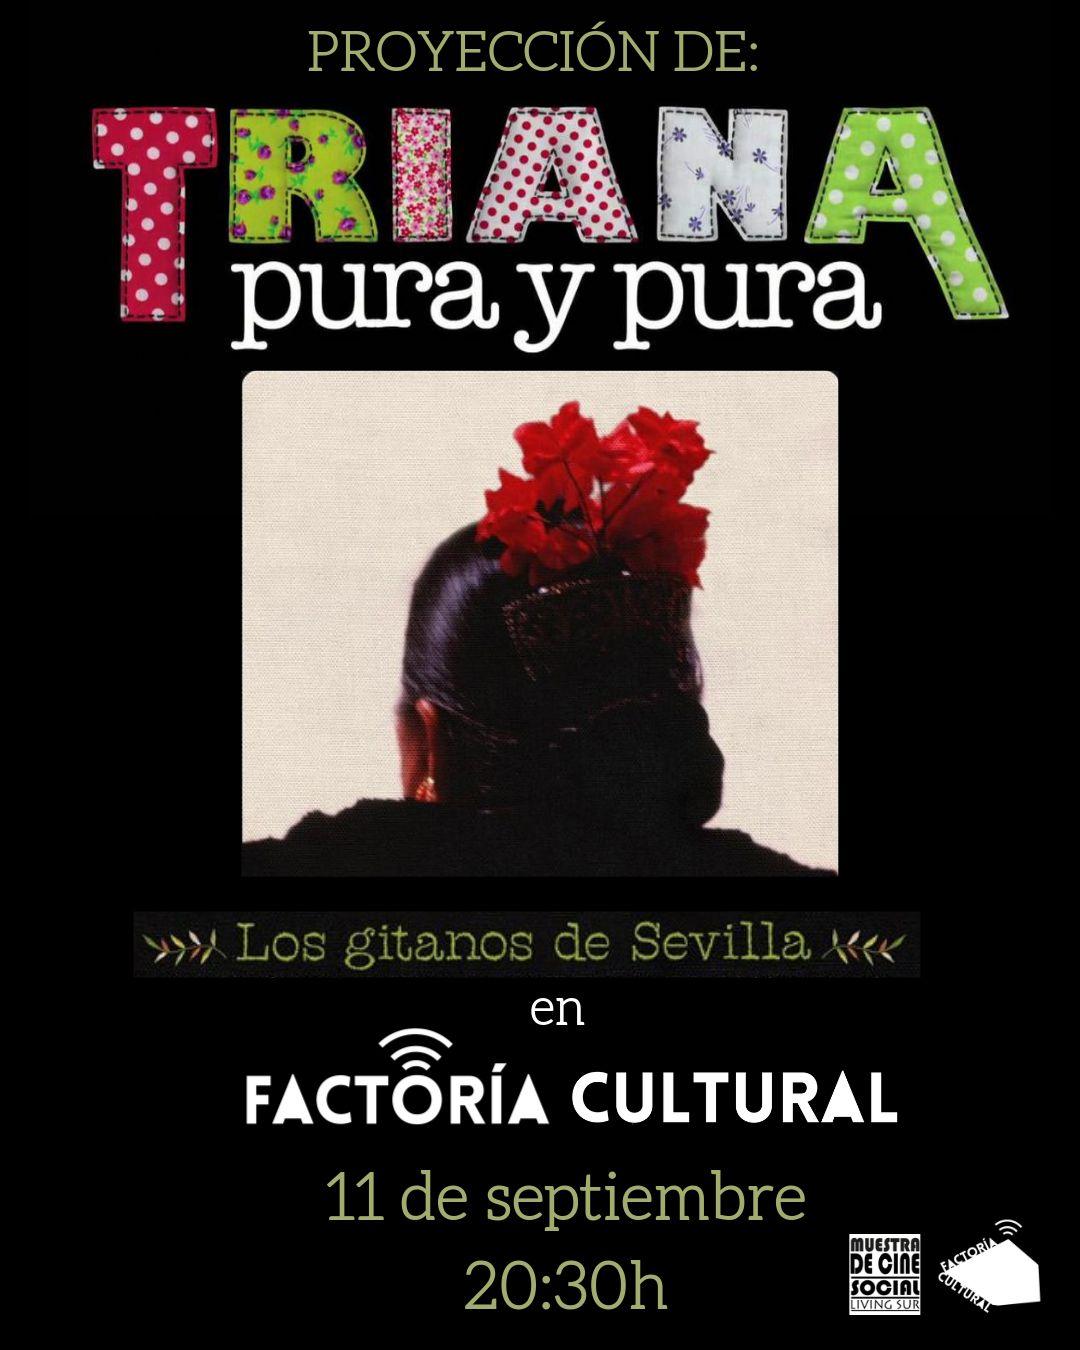 El documental 'Triana Pura y Pura' protagoniza el final del ciclo 'Un verano de cine' en Factoría Cultural